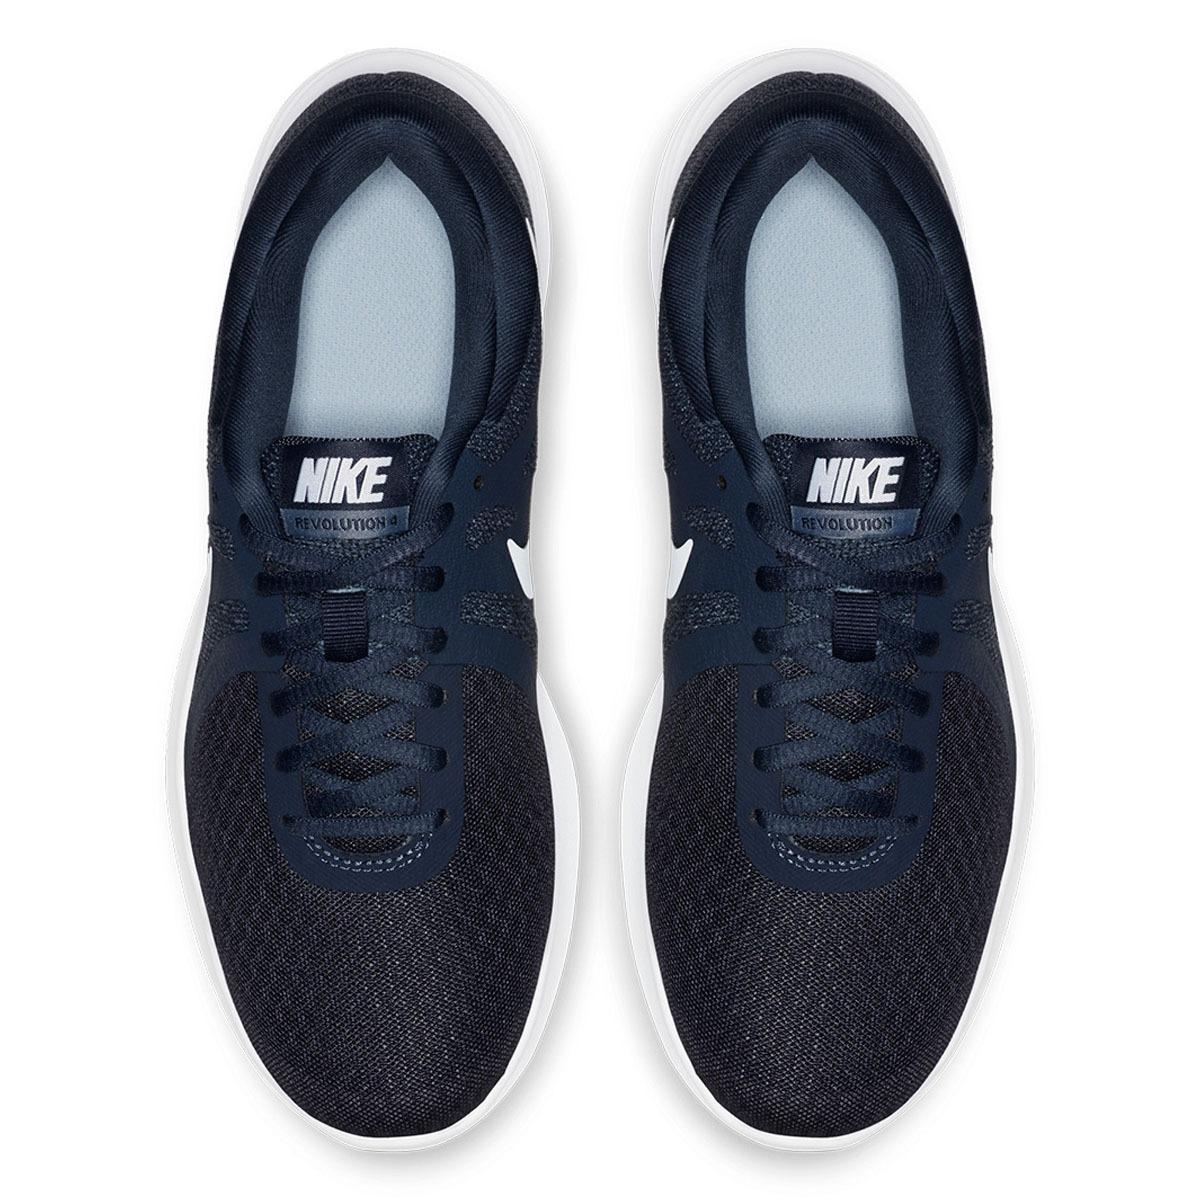 2c64e2a3dc3 tênis caminhada masculino nike revolution 4 original 908988. Carregando  zoom... tênis masculino nike. Carregando zoom.